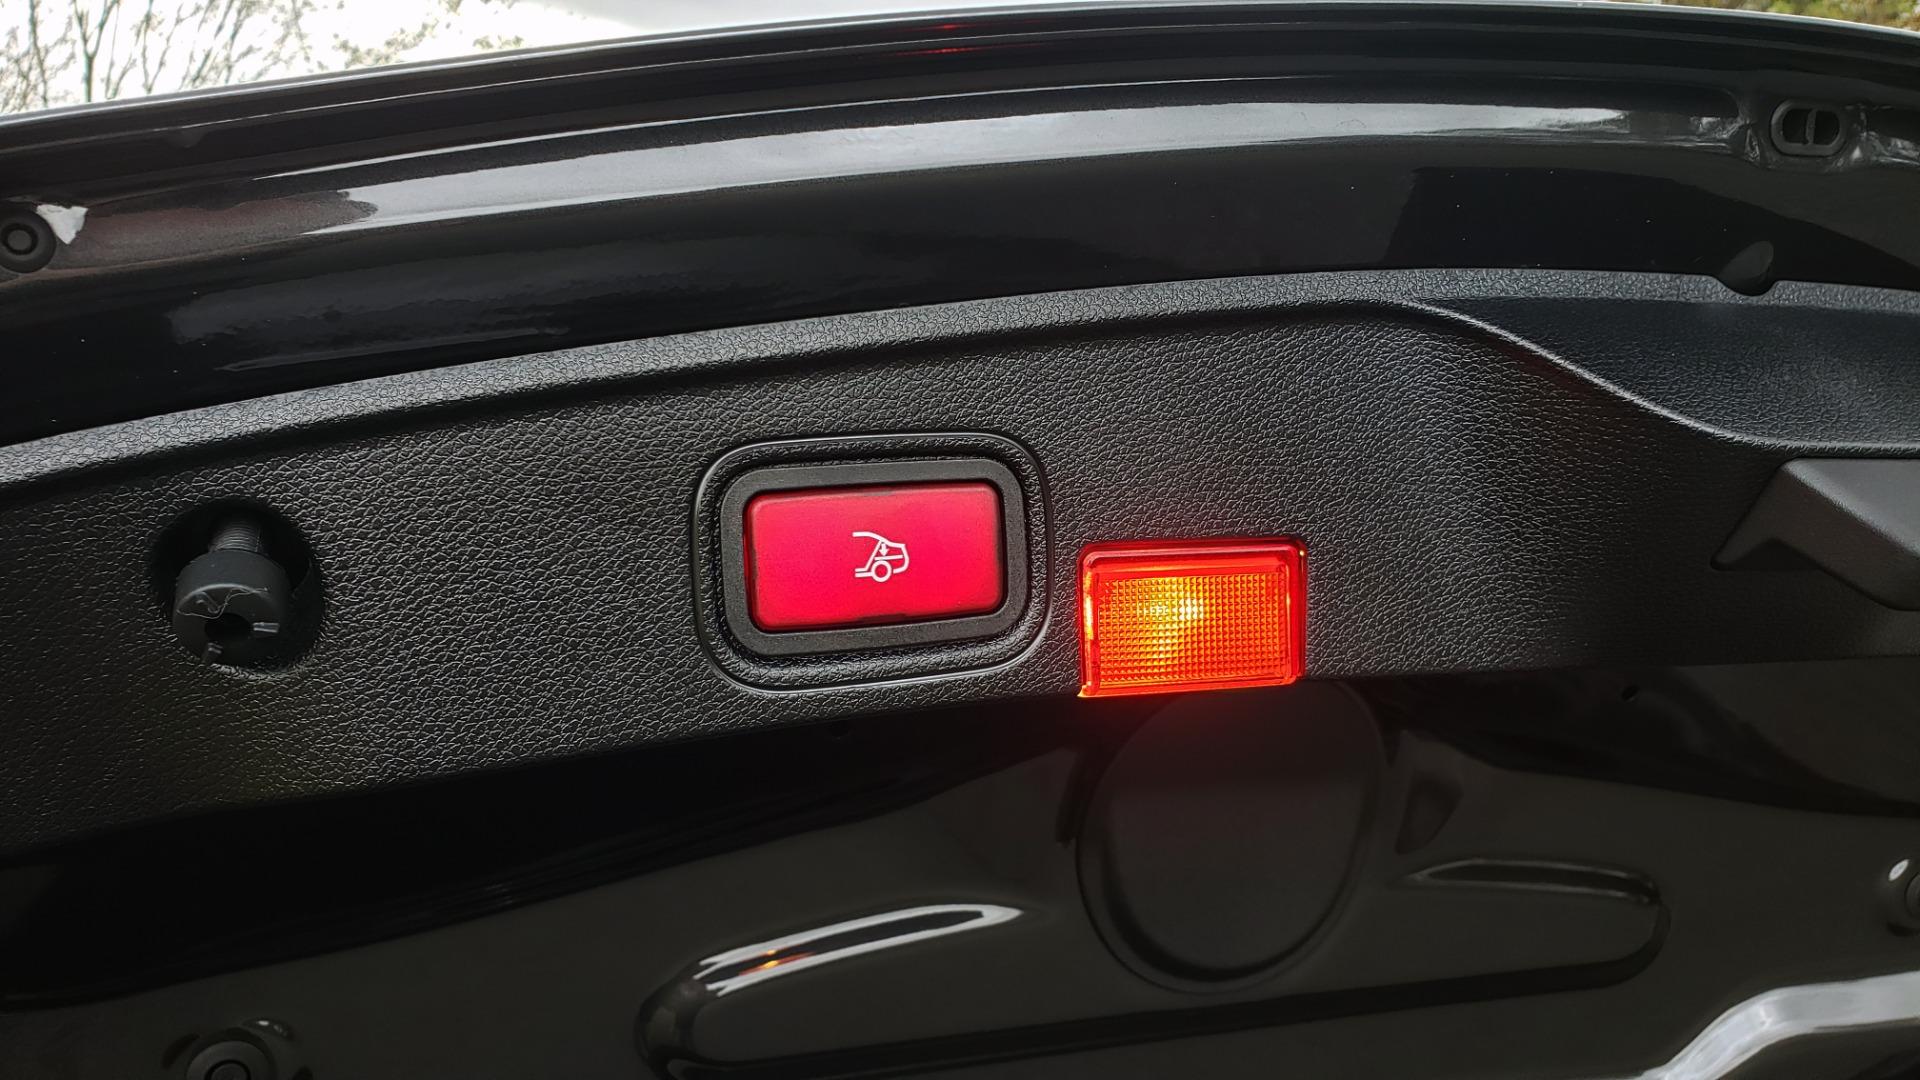 Used 2019 Mercedes-Benz C-CLASS C 300 CABRIOLET / PREM PKG / NAV / BURMESTER / MULTIMEDIA for sale $49,995 at Formula Imports in Charlotte NC 28227 68